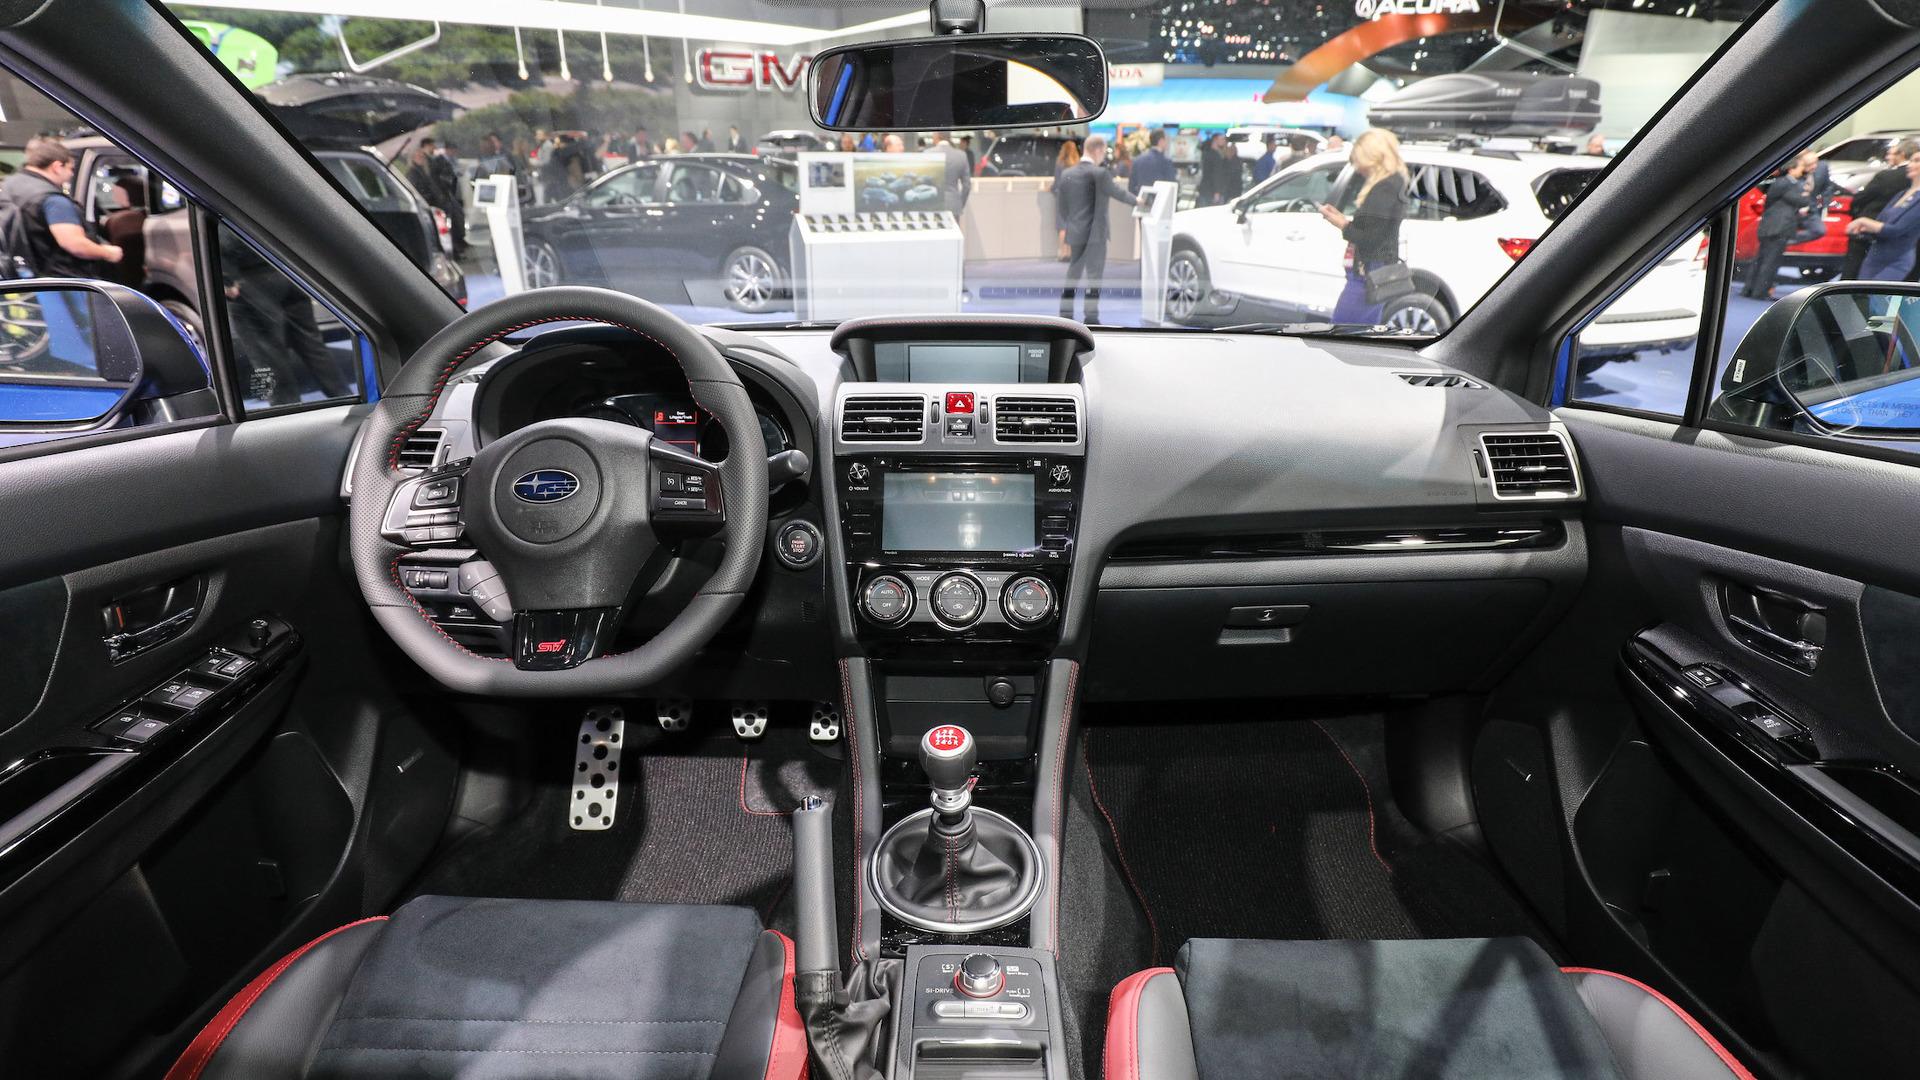 صور سوبارو امبريزا WRX 2018 .. صور+مواصفات+اسعار 2017 video Internal-2018-Subaru